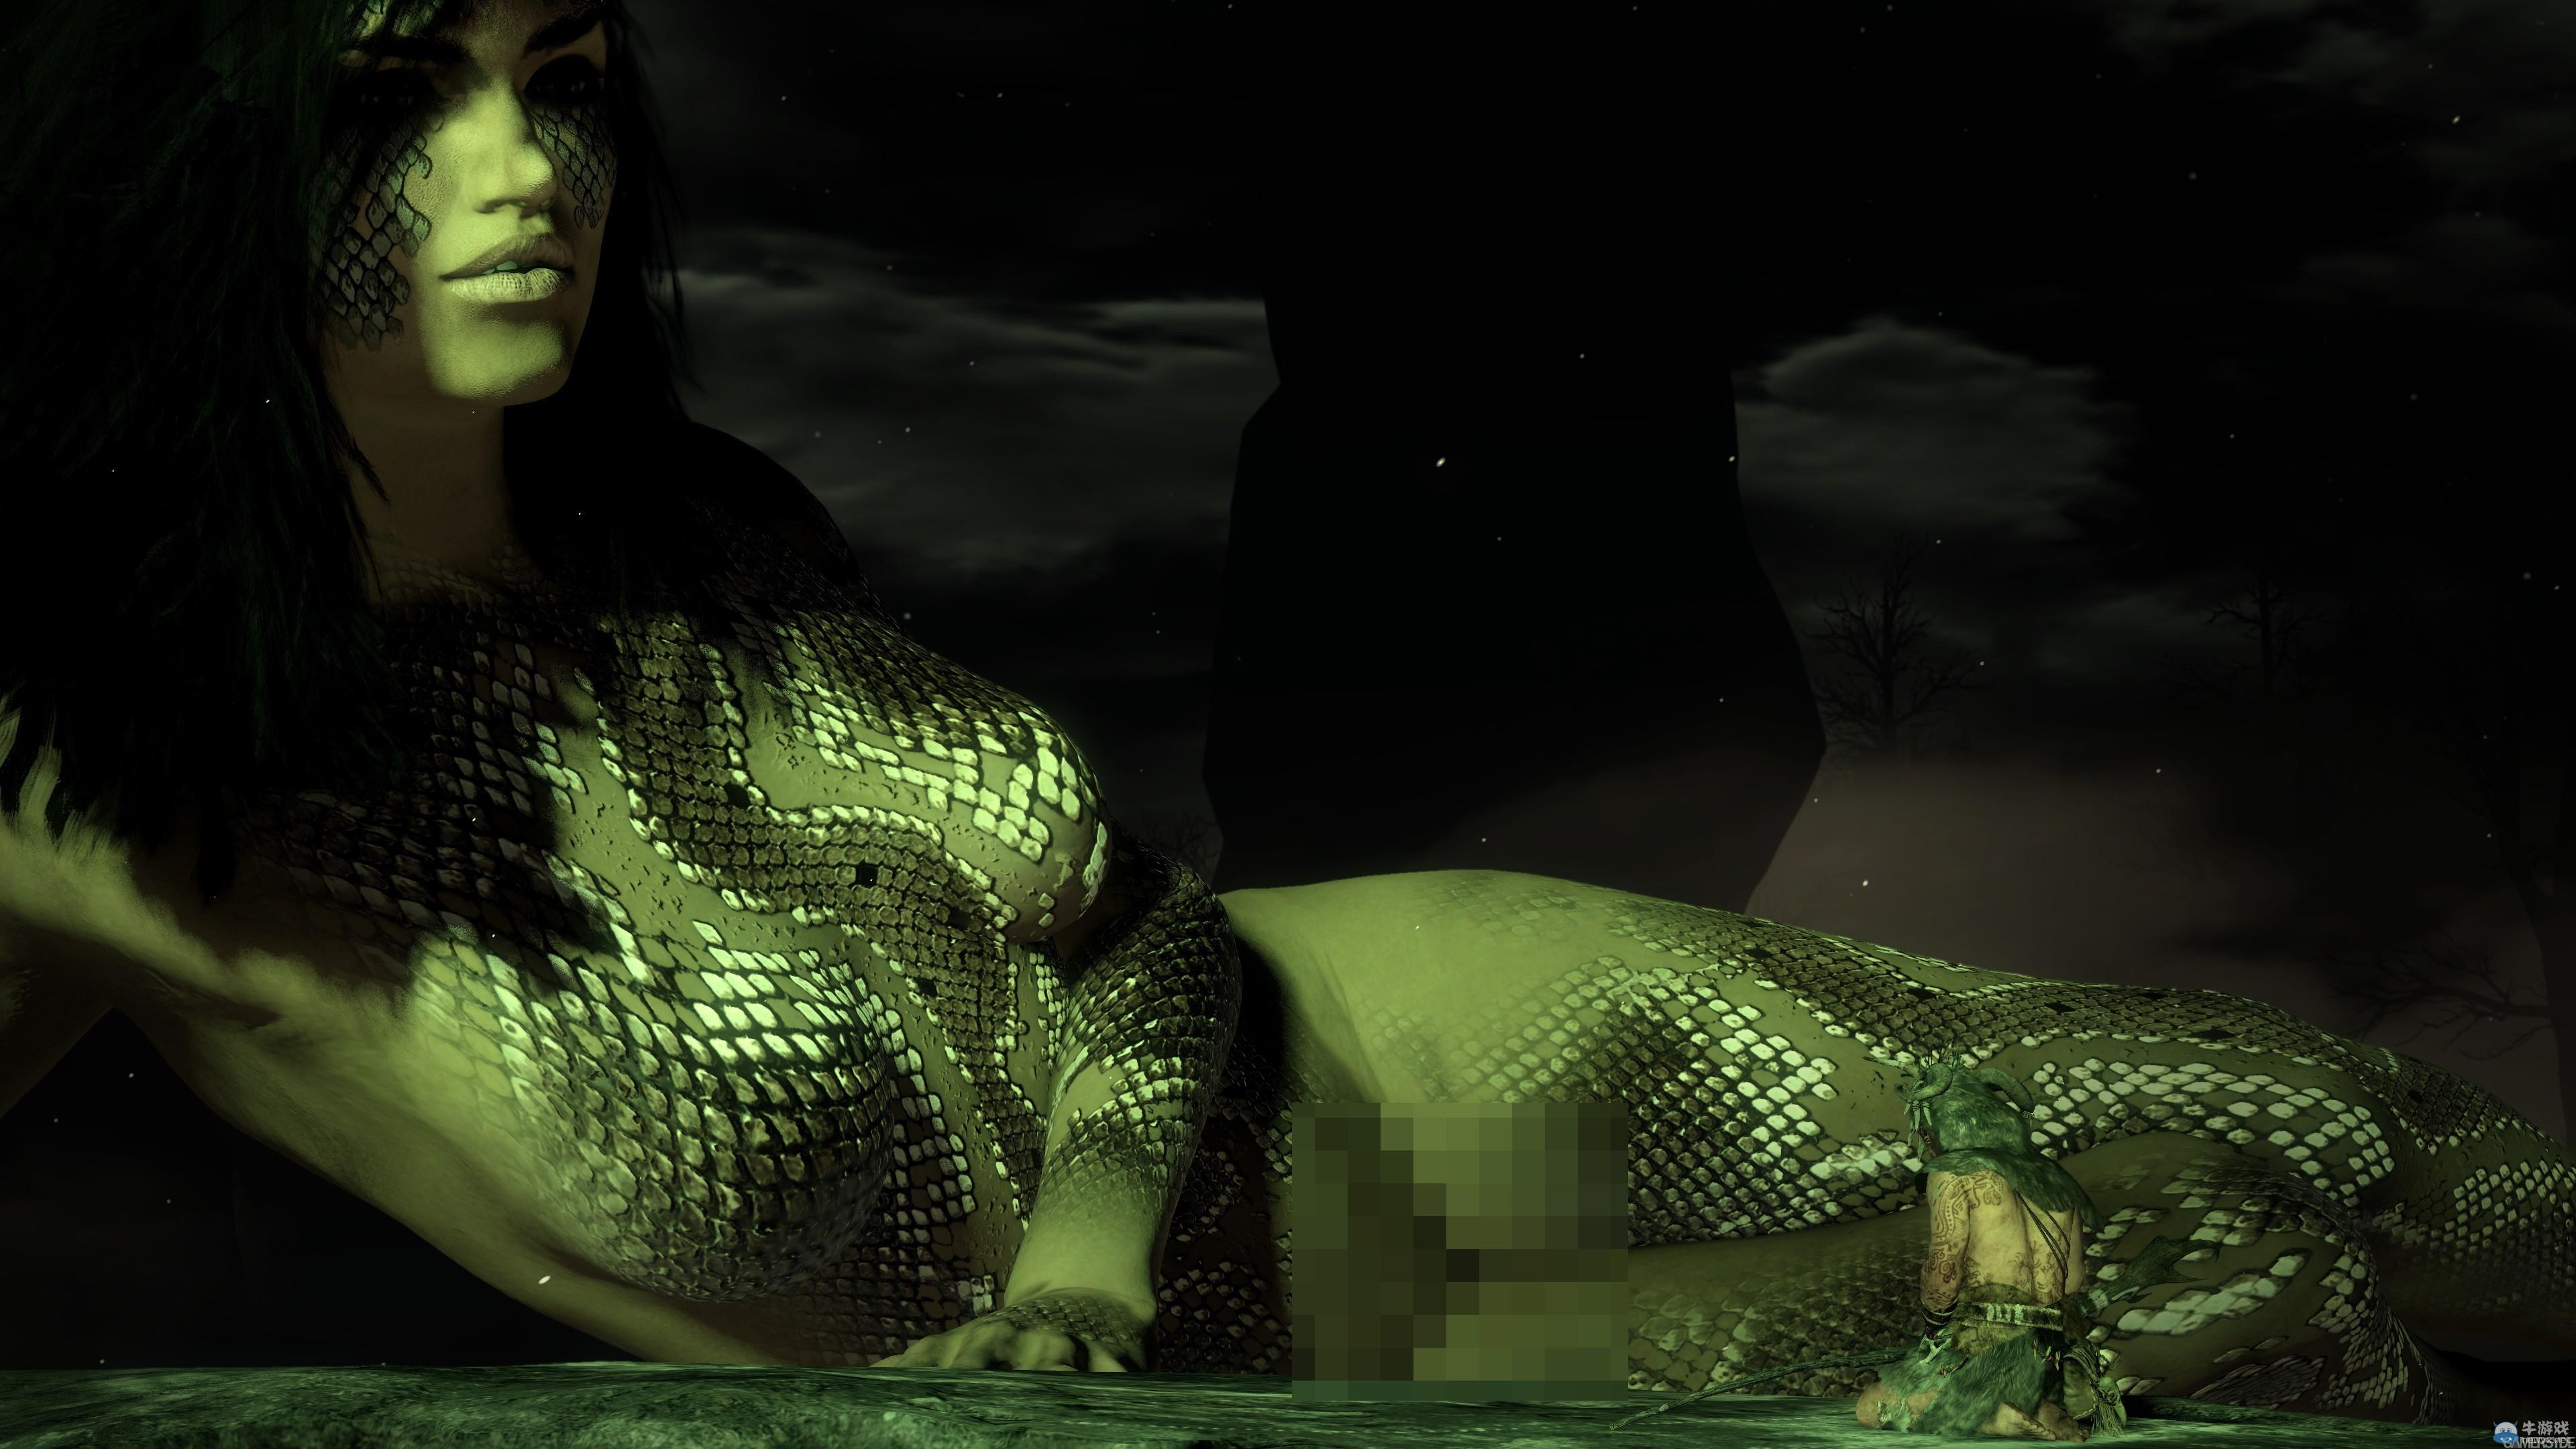 《狂野》公开艺术截图 裸体蛇女紧闭双腿